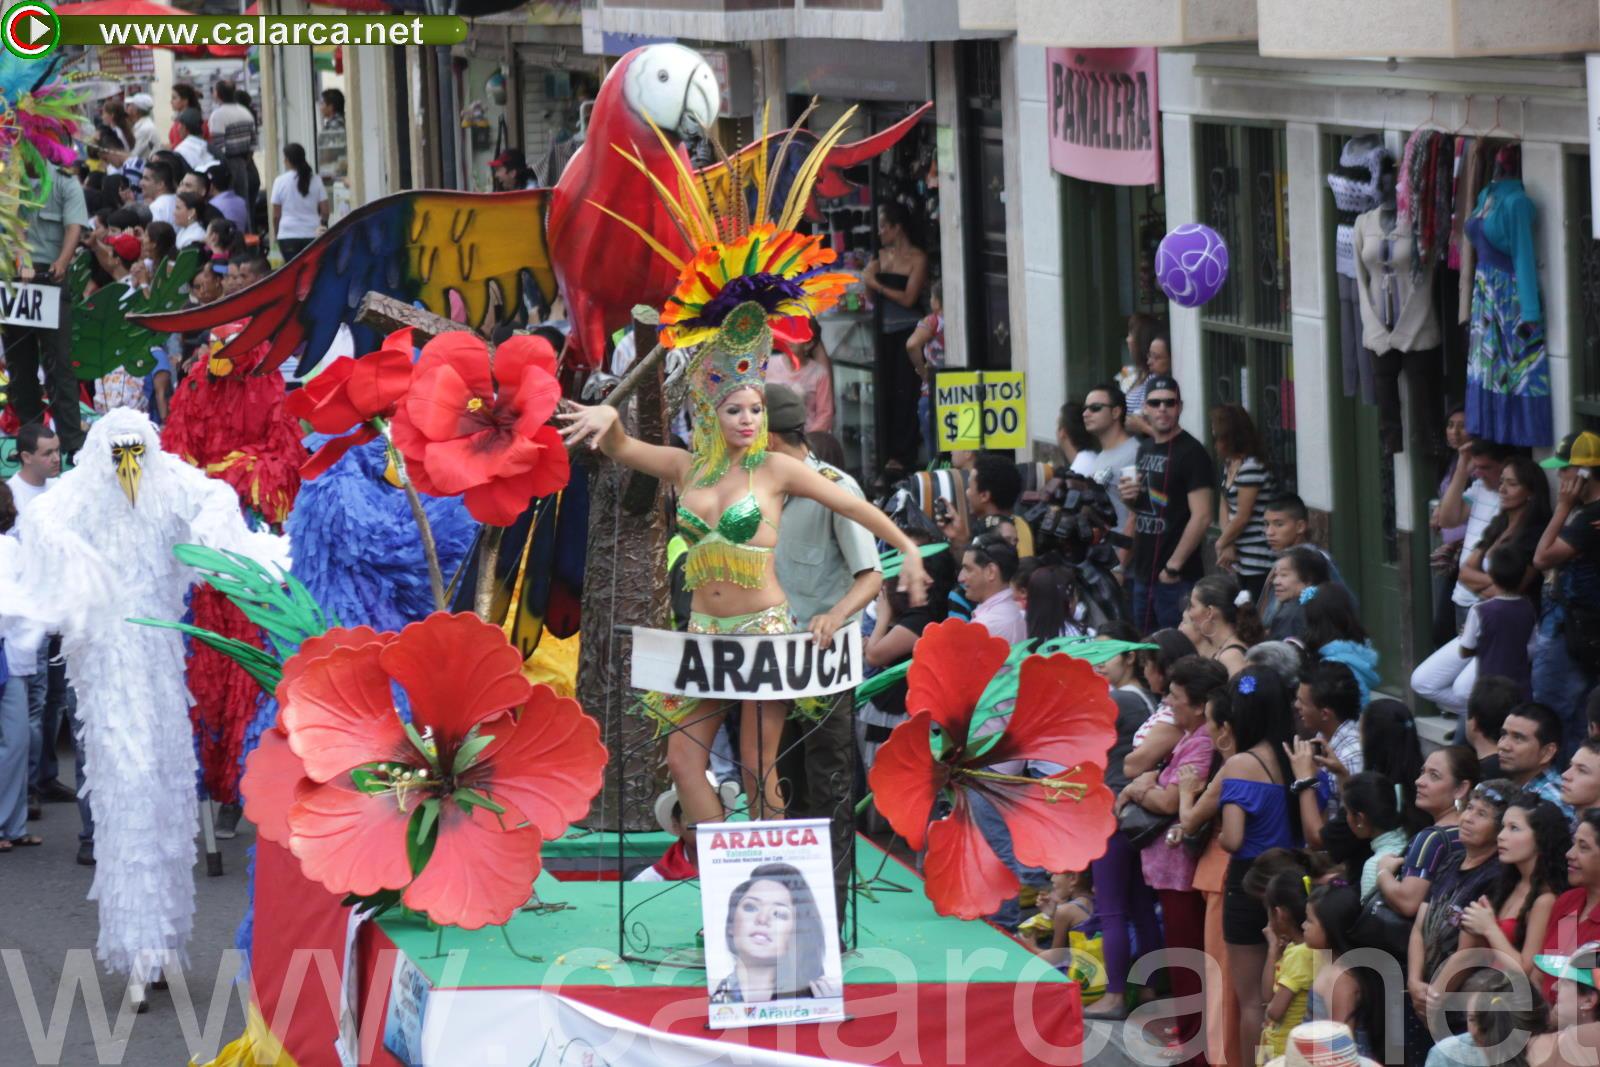 Arauca - Gina Valentina Díaz Mantilla